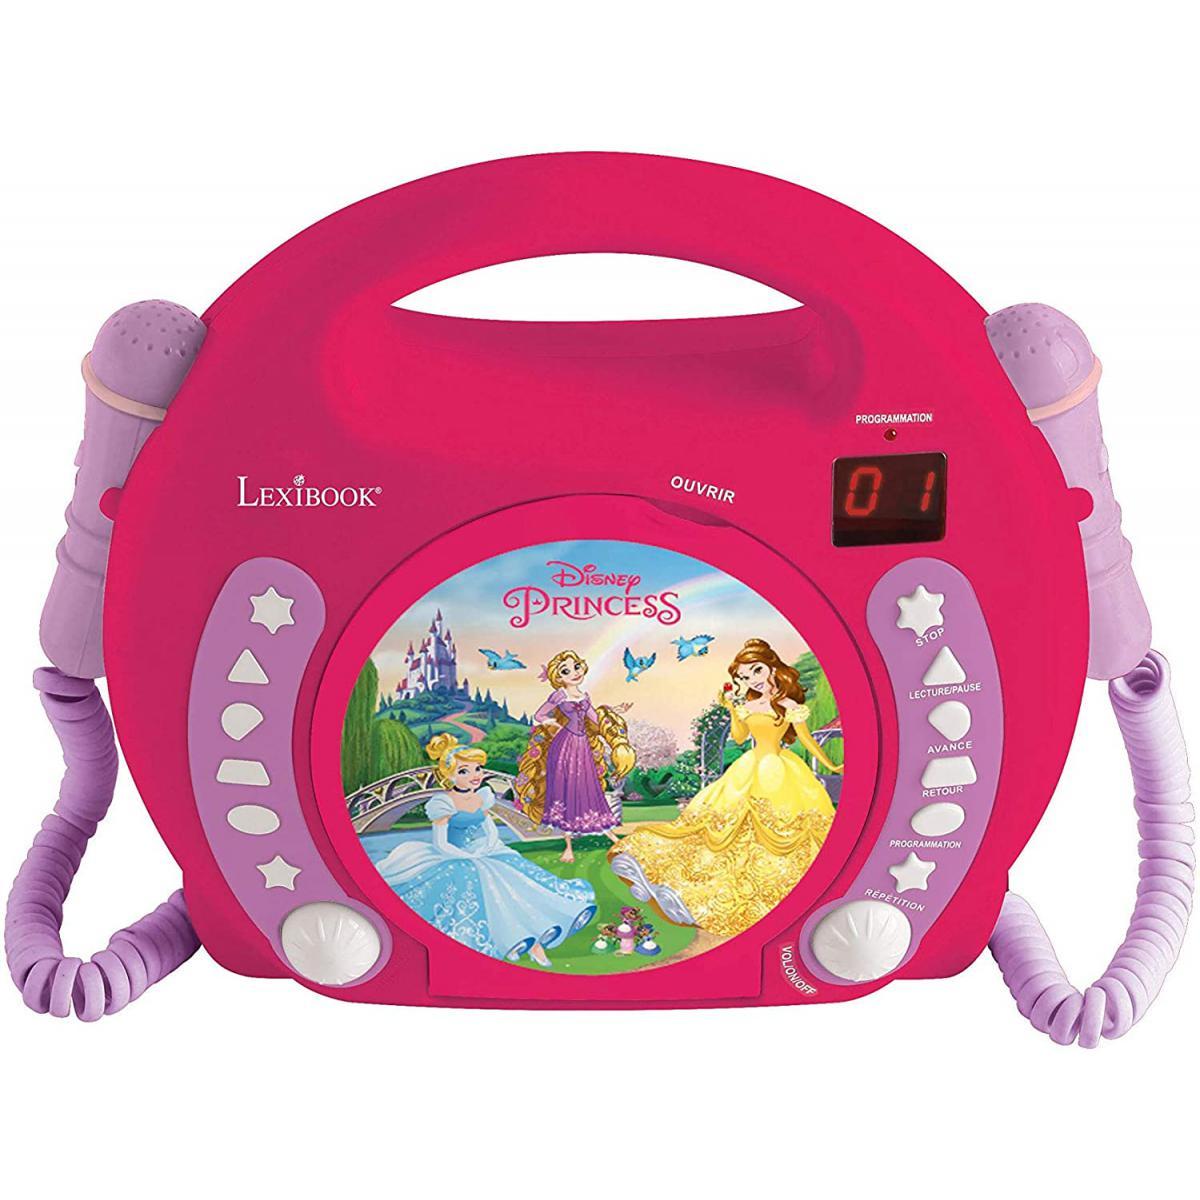 lexibook Lecteur CD pour enfant avec 2 microphones à piles Disney Princesses Raiponce rose